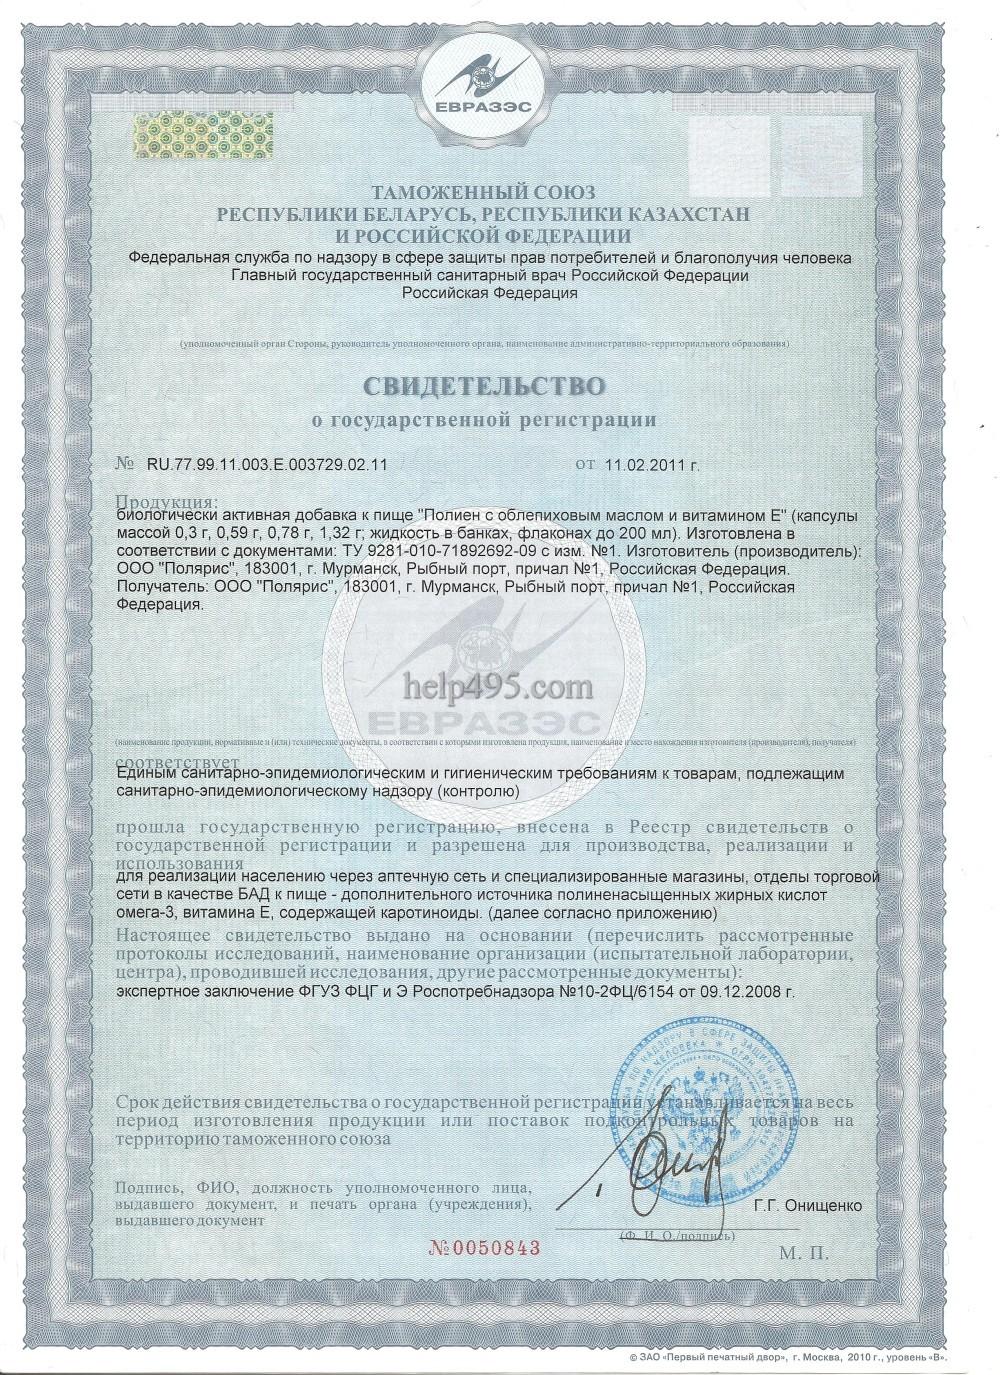 1-ая стр. сертификата препарата: Полиен с облепиховым маслом и витамином Е Тяньши